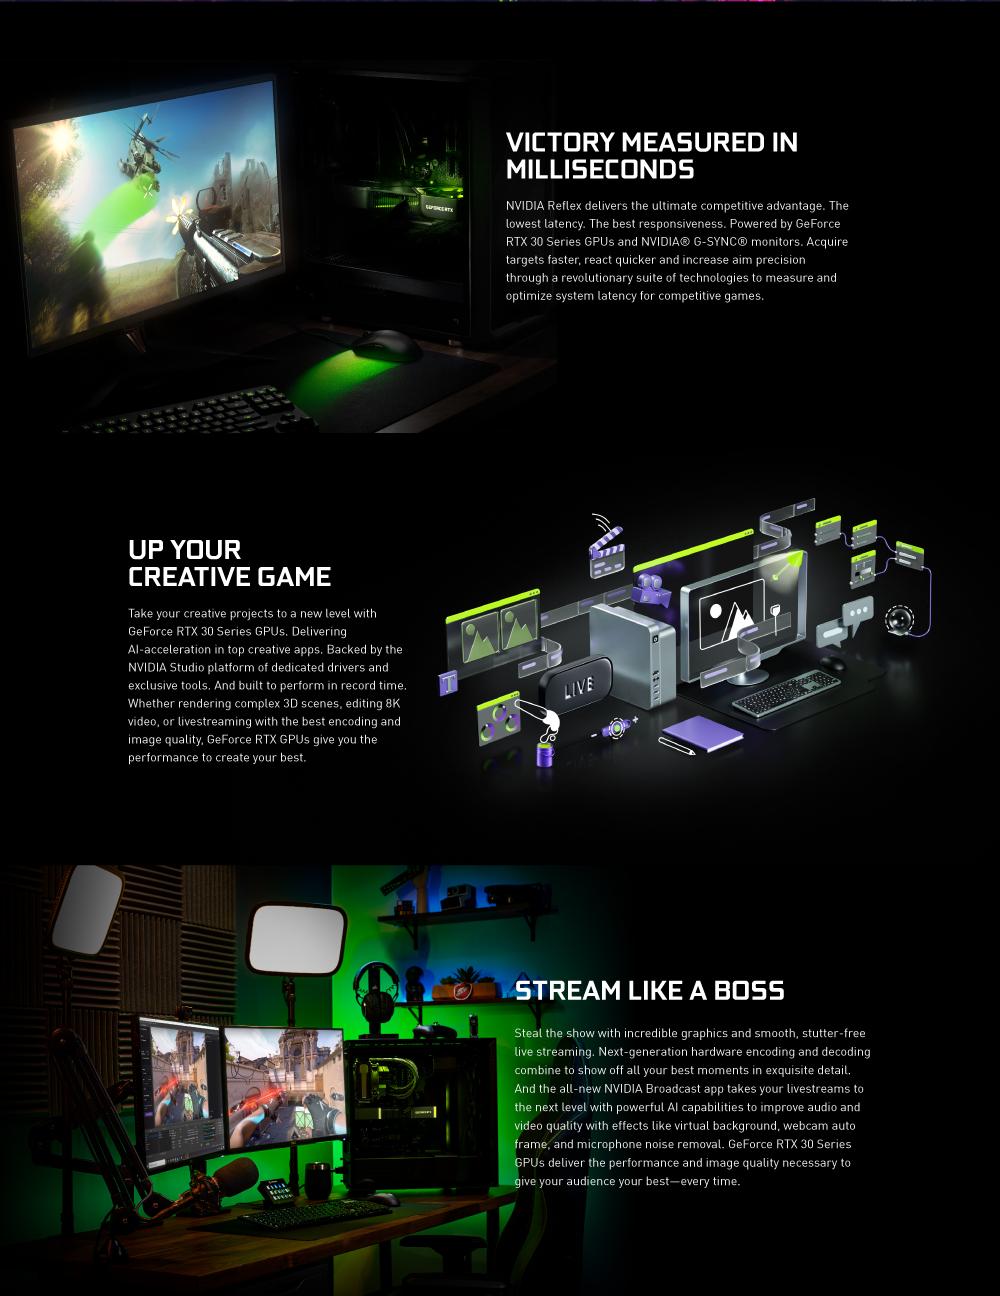 Inno3d Geforce Rtx 3060 Ti Twin X2 Oc 32499 4